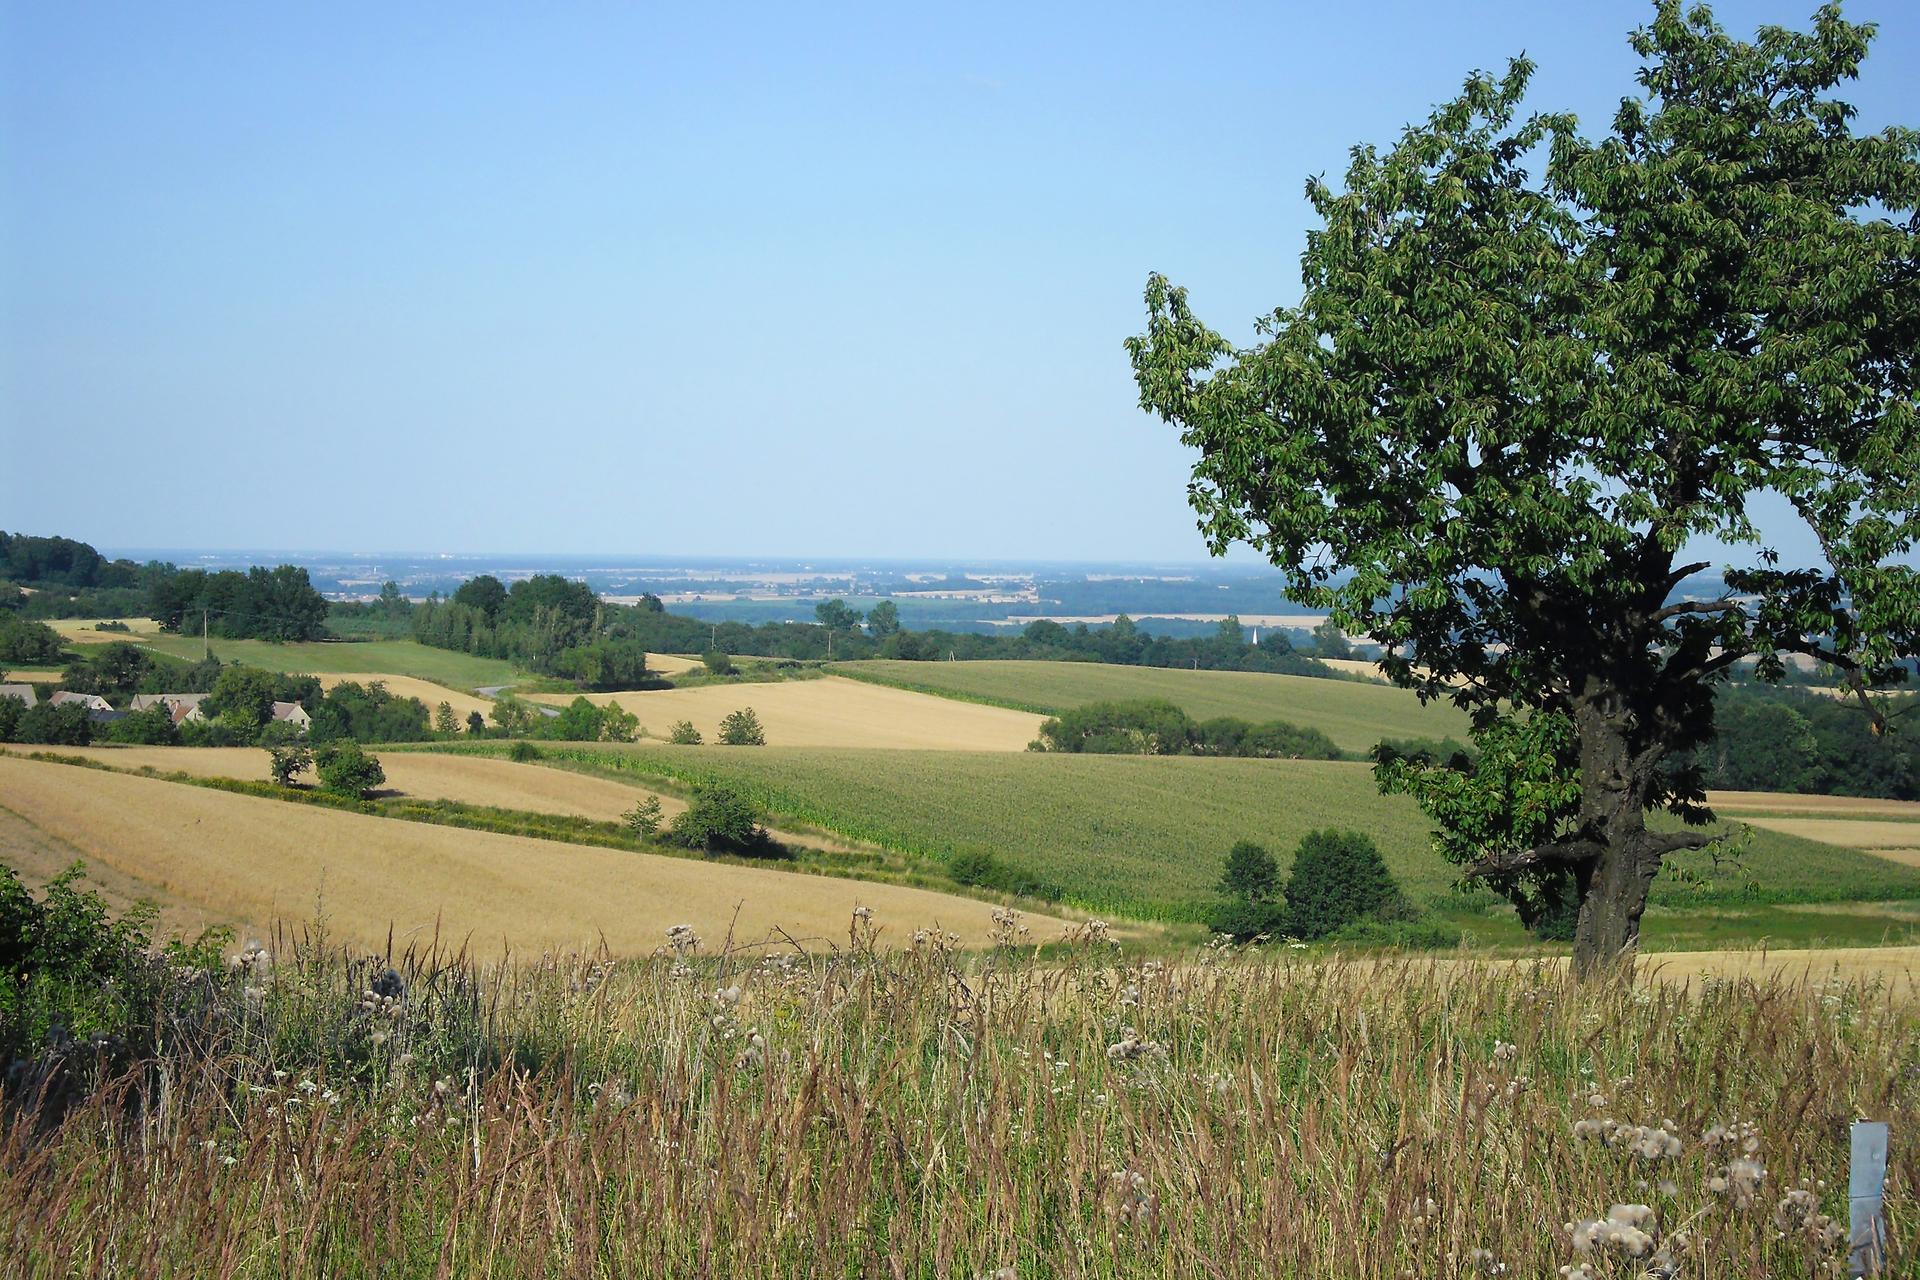 Fotografia druga prezentuje krajobraz pół iłąk strefy umiarkowanej.